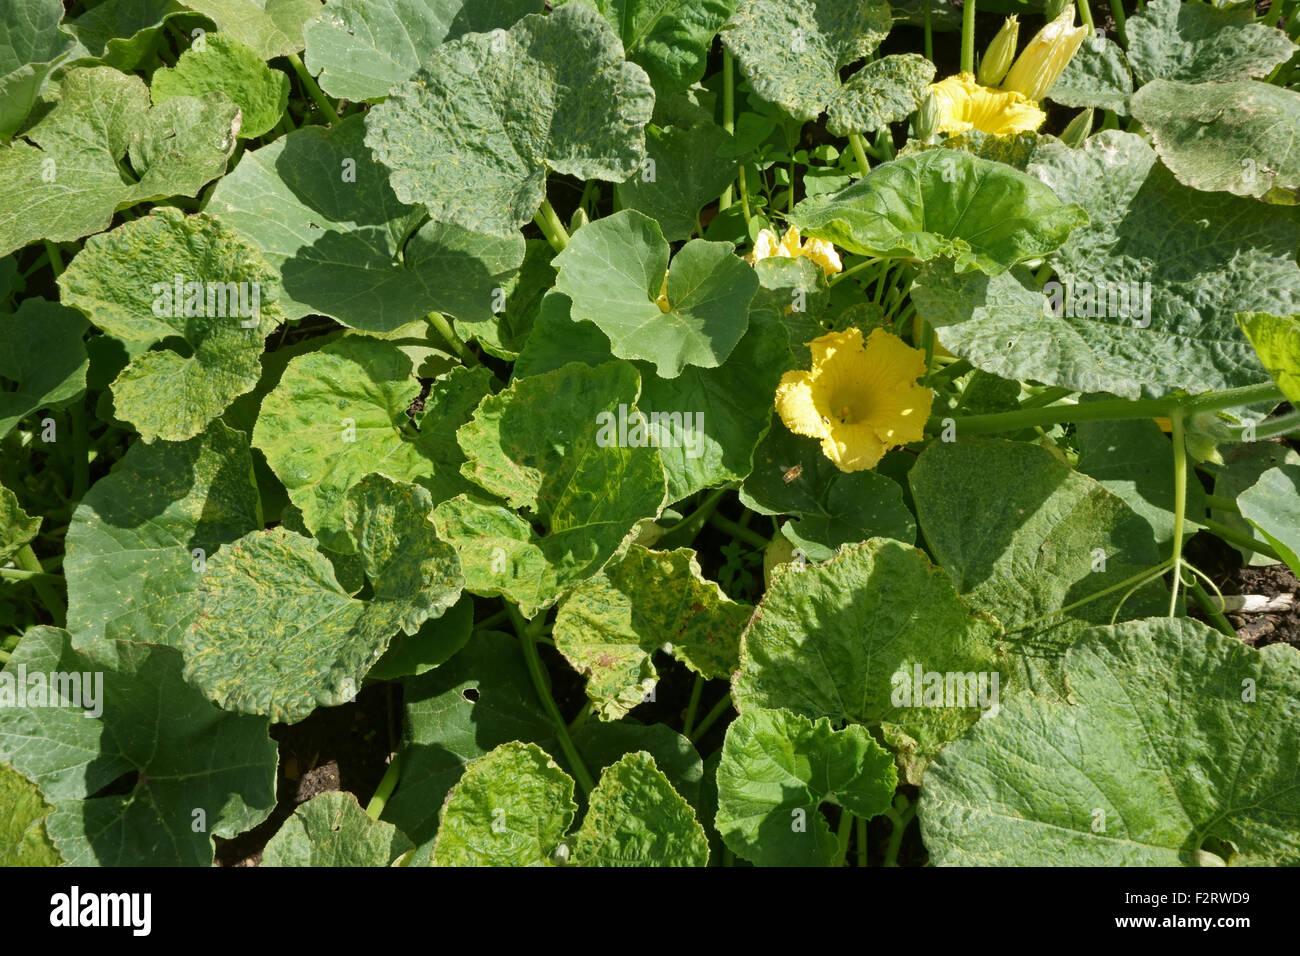 Il virus del mosaico del cetriolo, CMV, sintomi su un impianto di squash, Cucurbita spp., Hampshire, Agosto. Immagini Stock